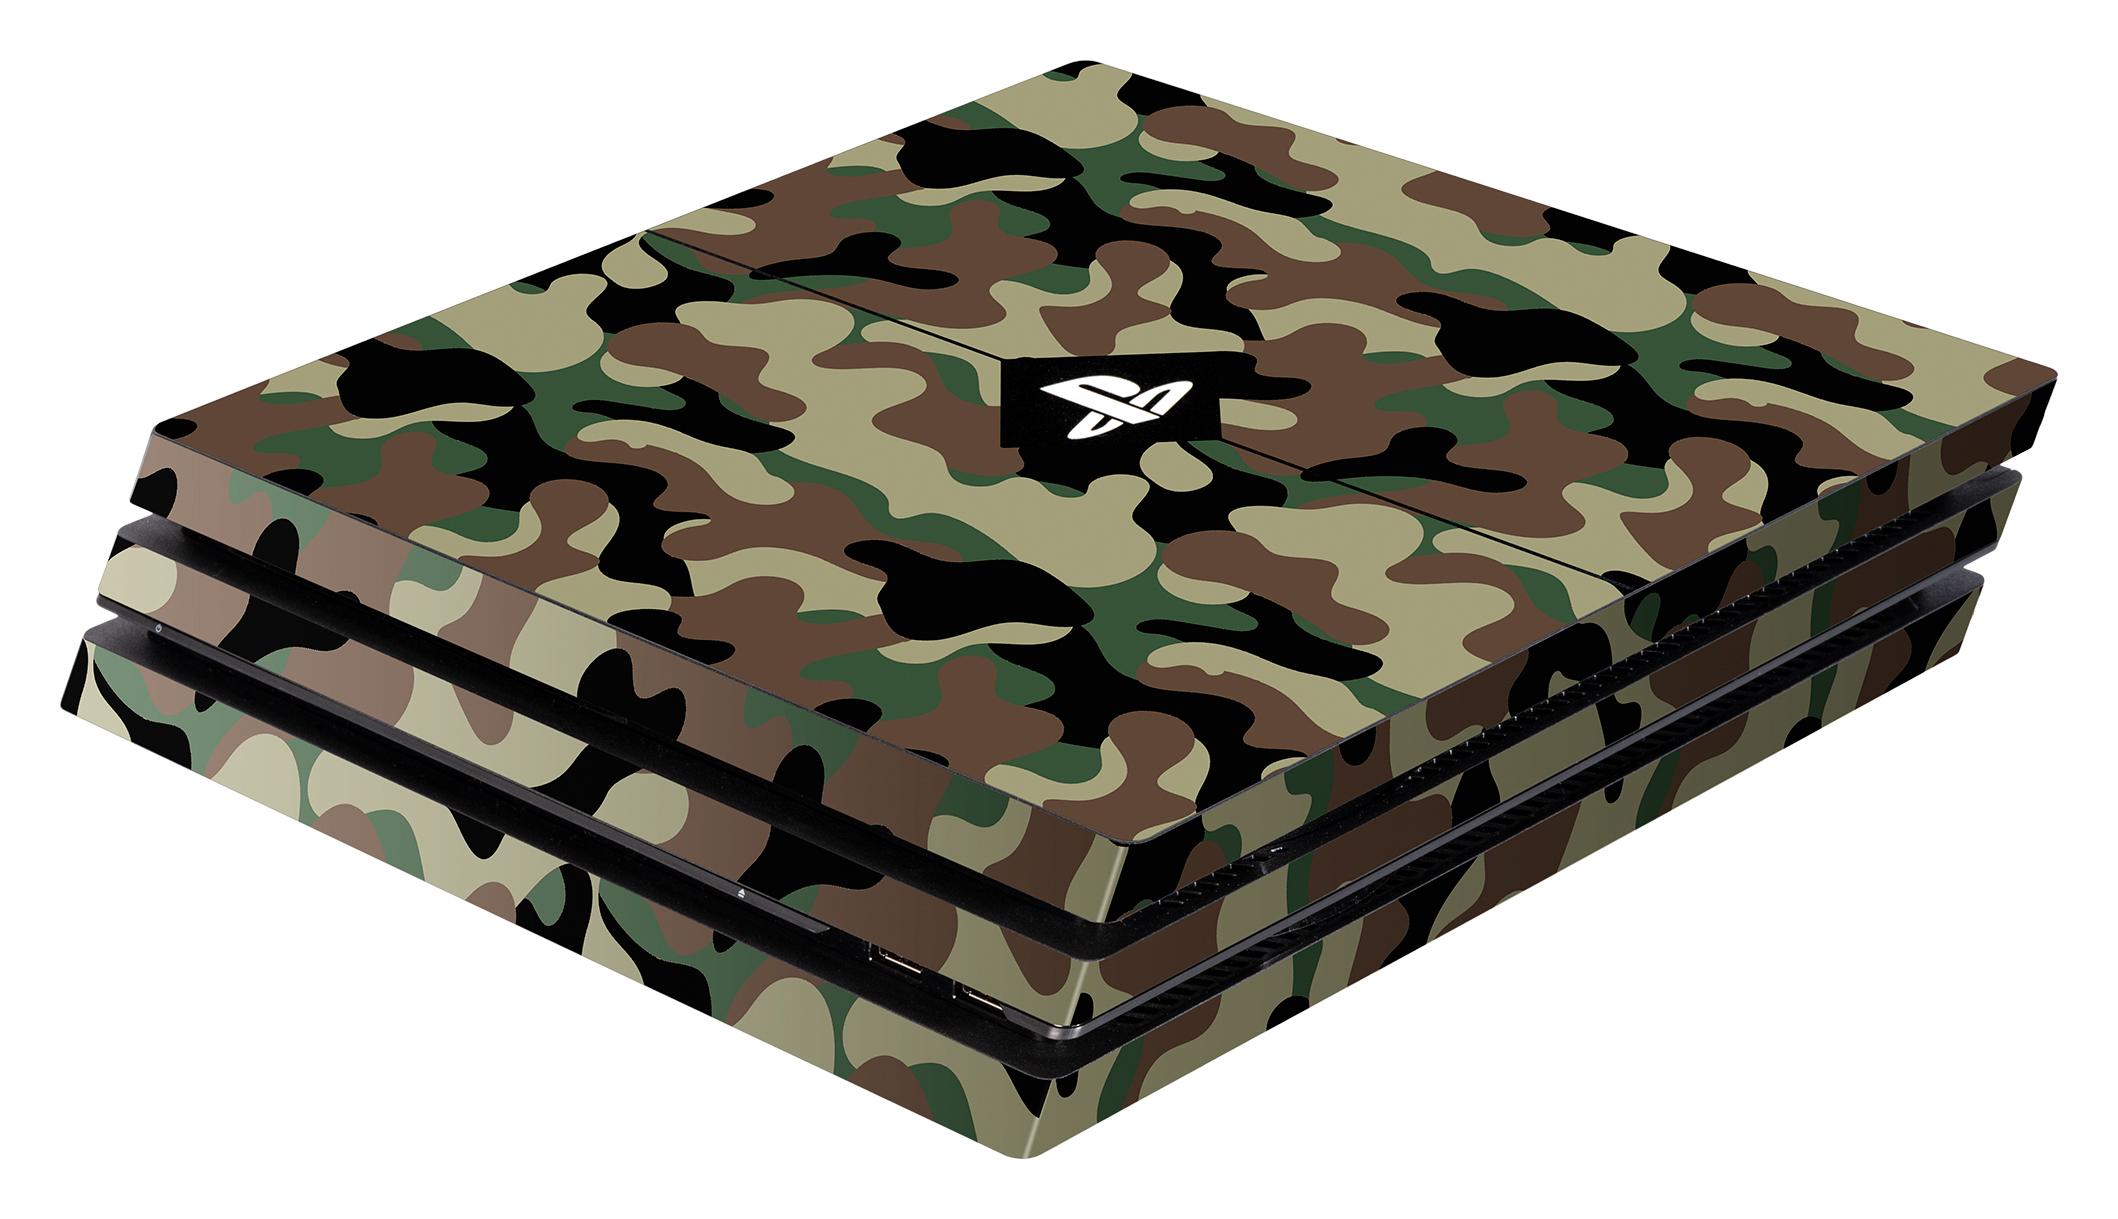 Skins - Sticker für PlayStation 4 Pro Konsole (Camo Green)